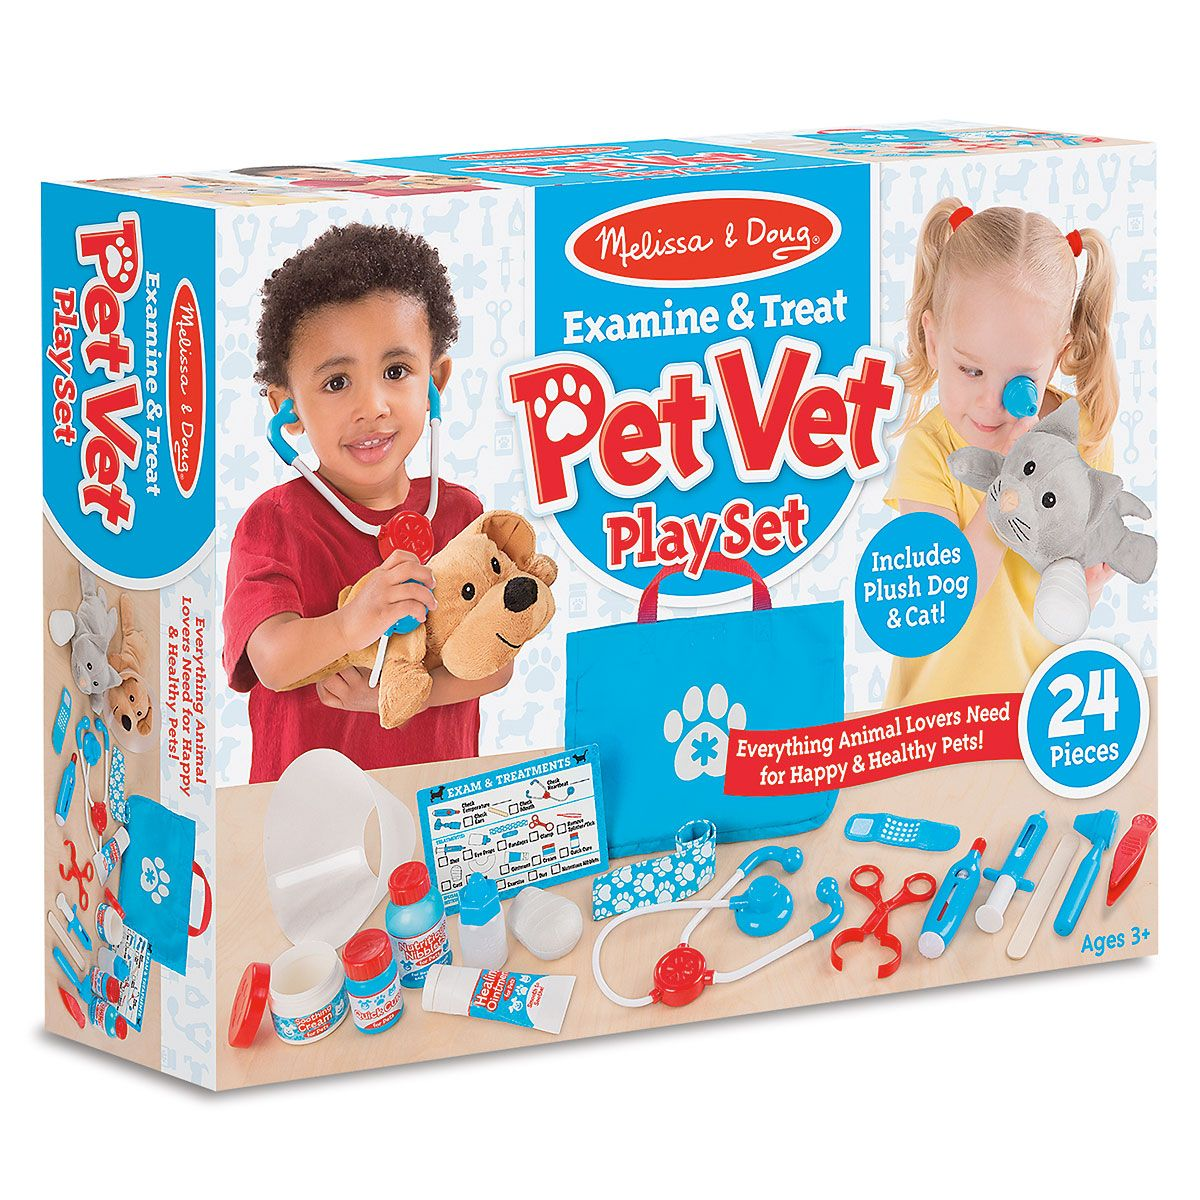 Pet Vet Play Set by Melissa & Doug®